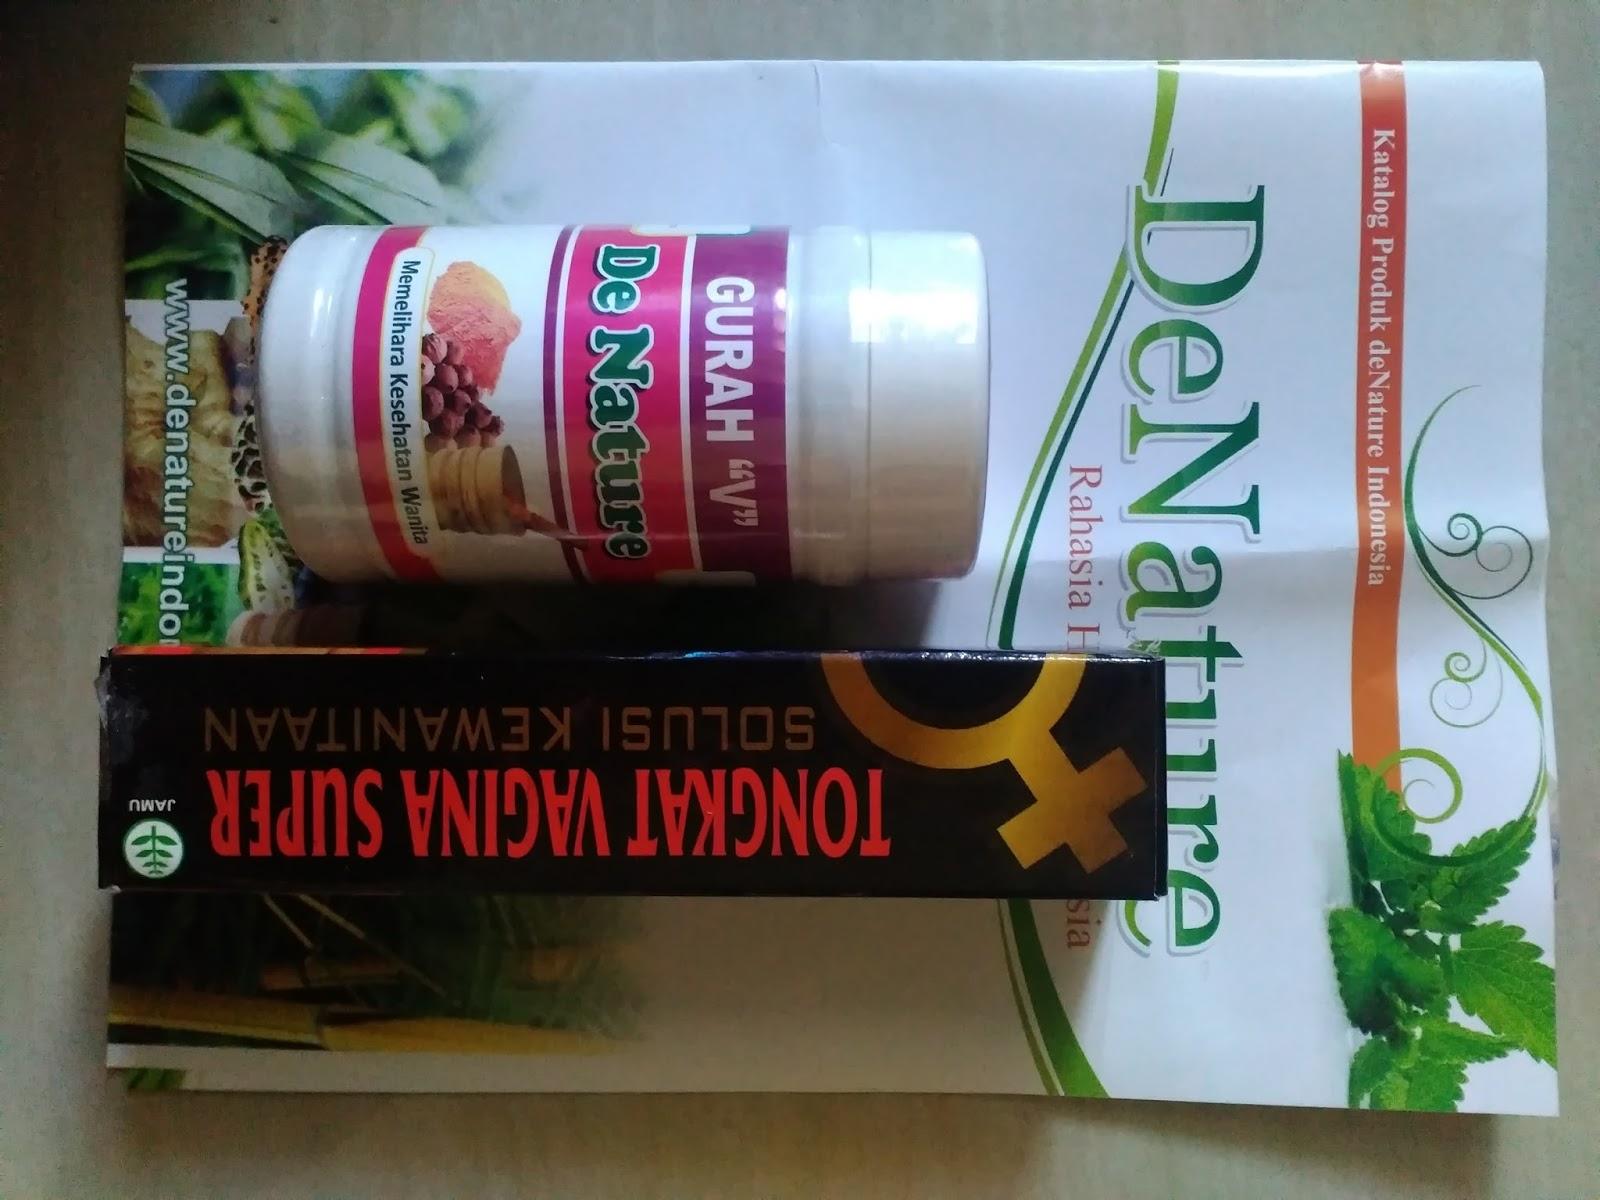 obat untuk keputihan bau dan gatal